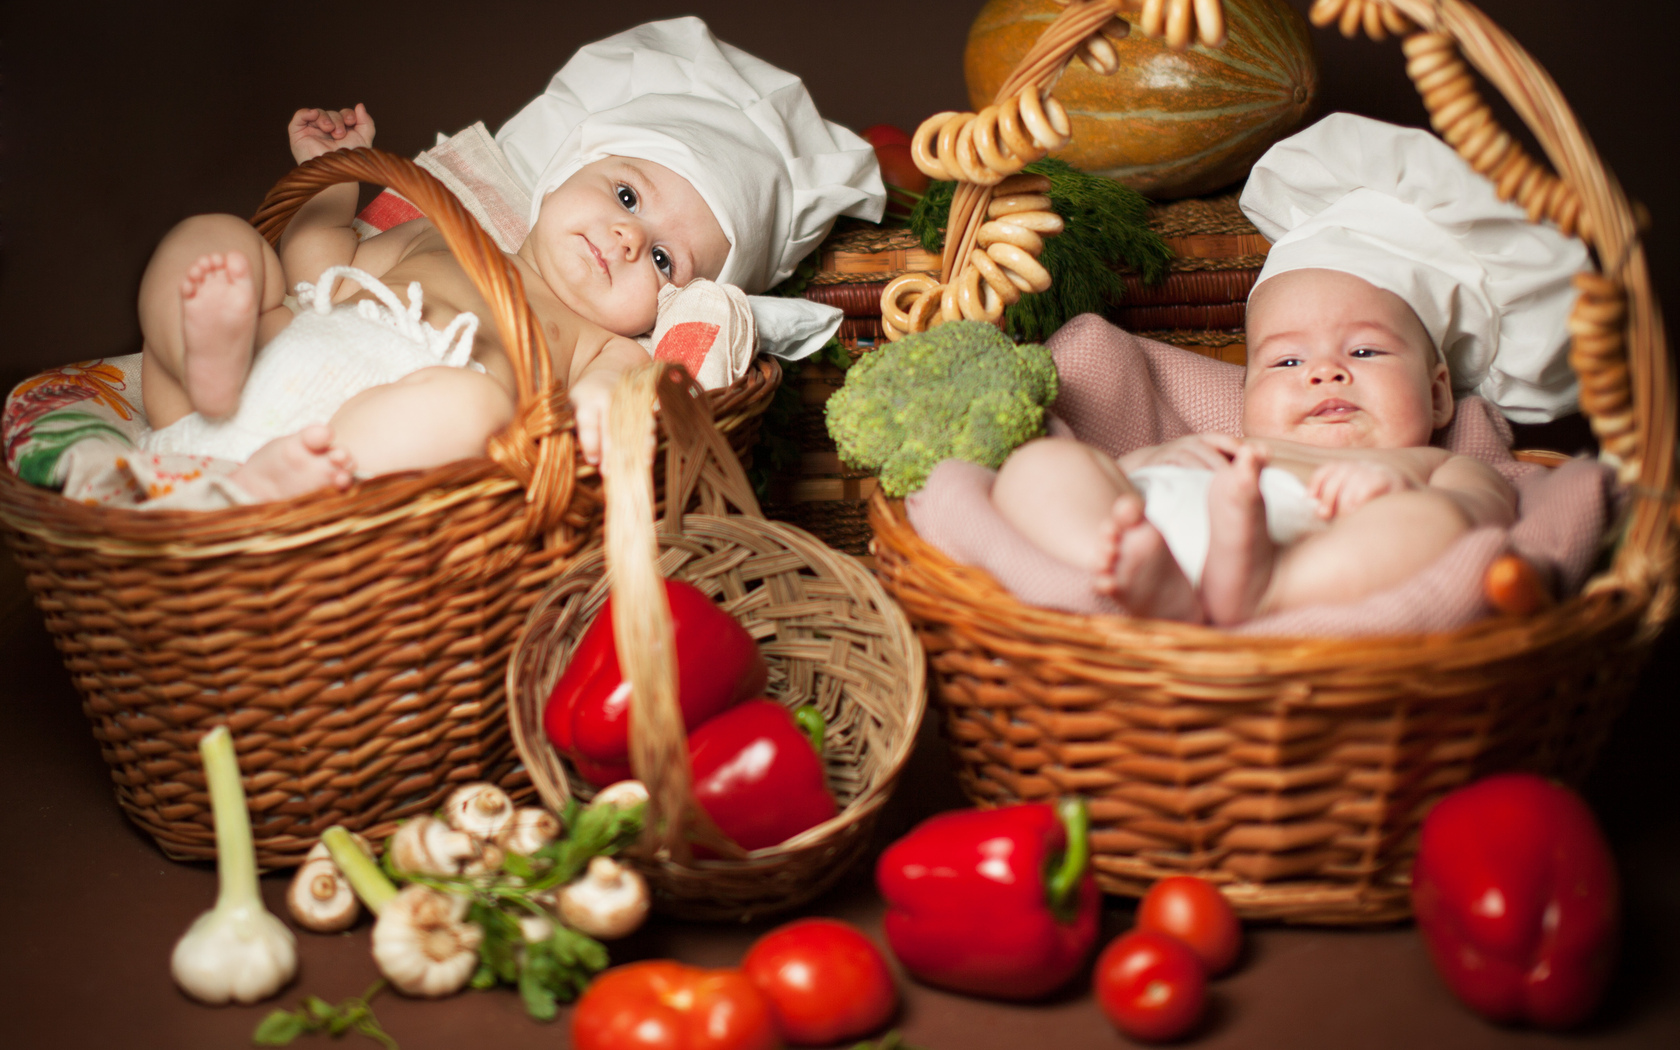 Обои на рабочий стол новорожденных детей